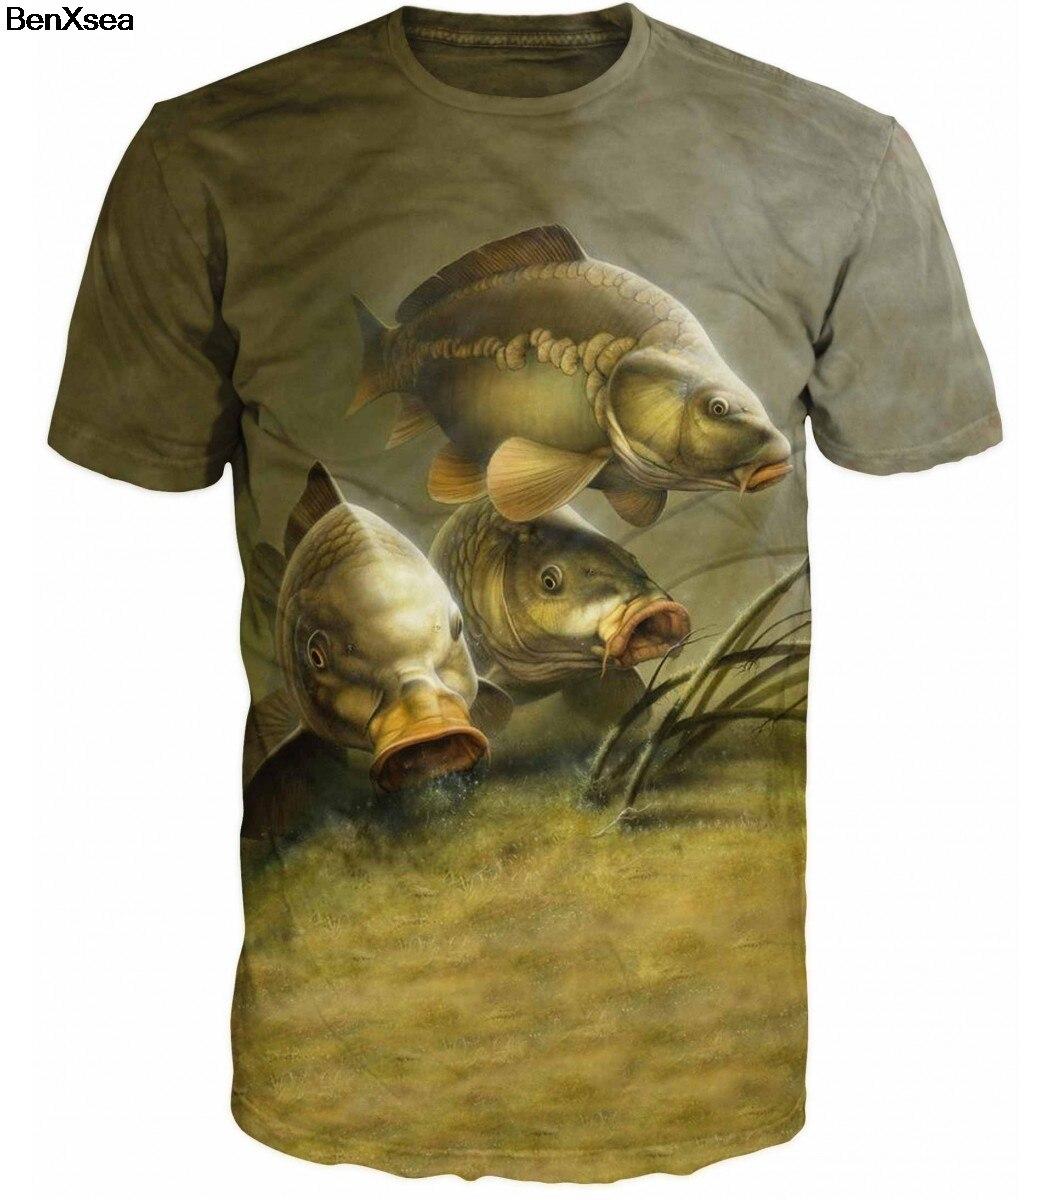 2018 прохладный человек с животным принтом Карп человек футболка уникальные модные с животным принтом дизайнерская футболка футболки